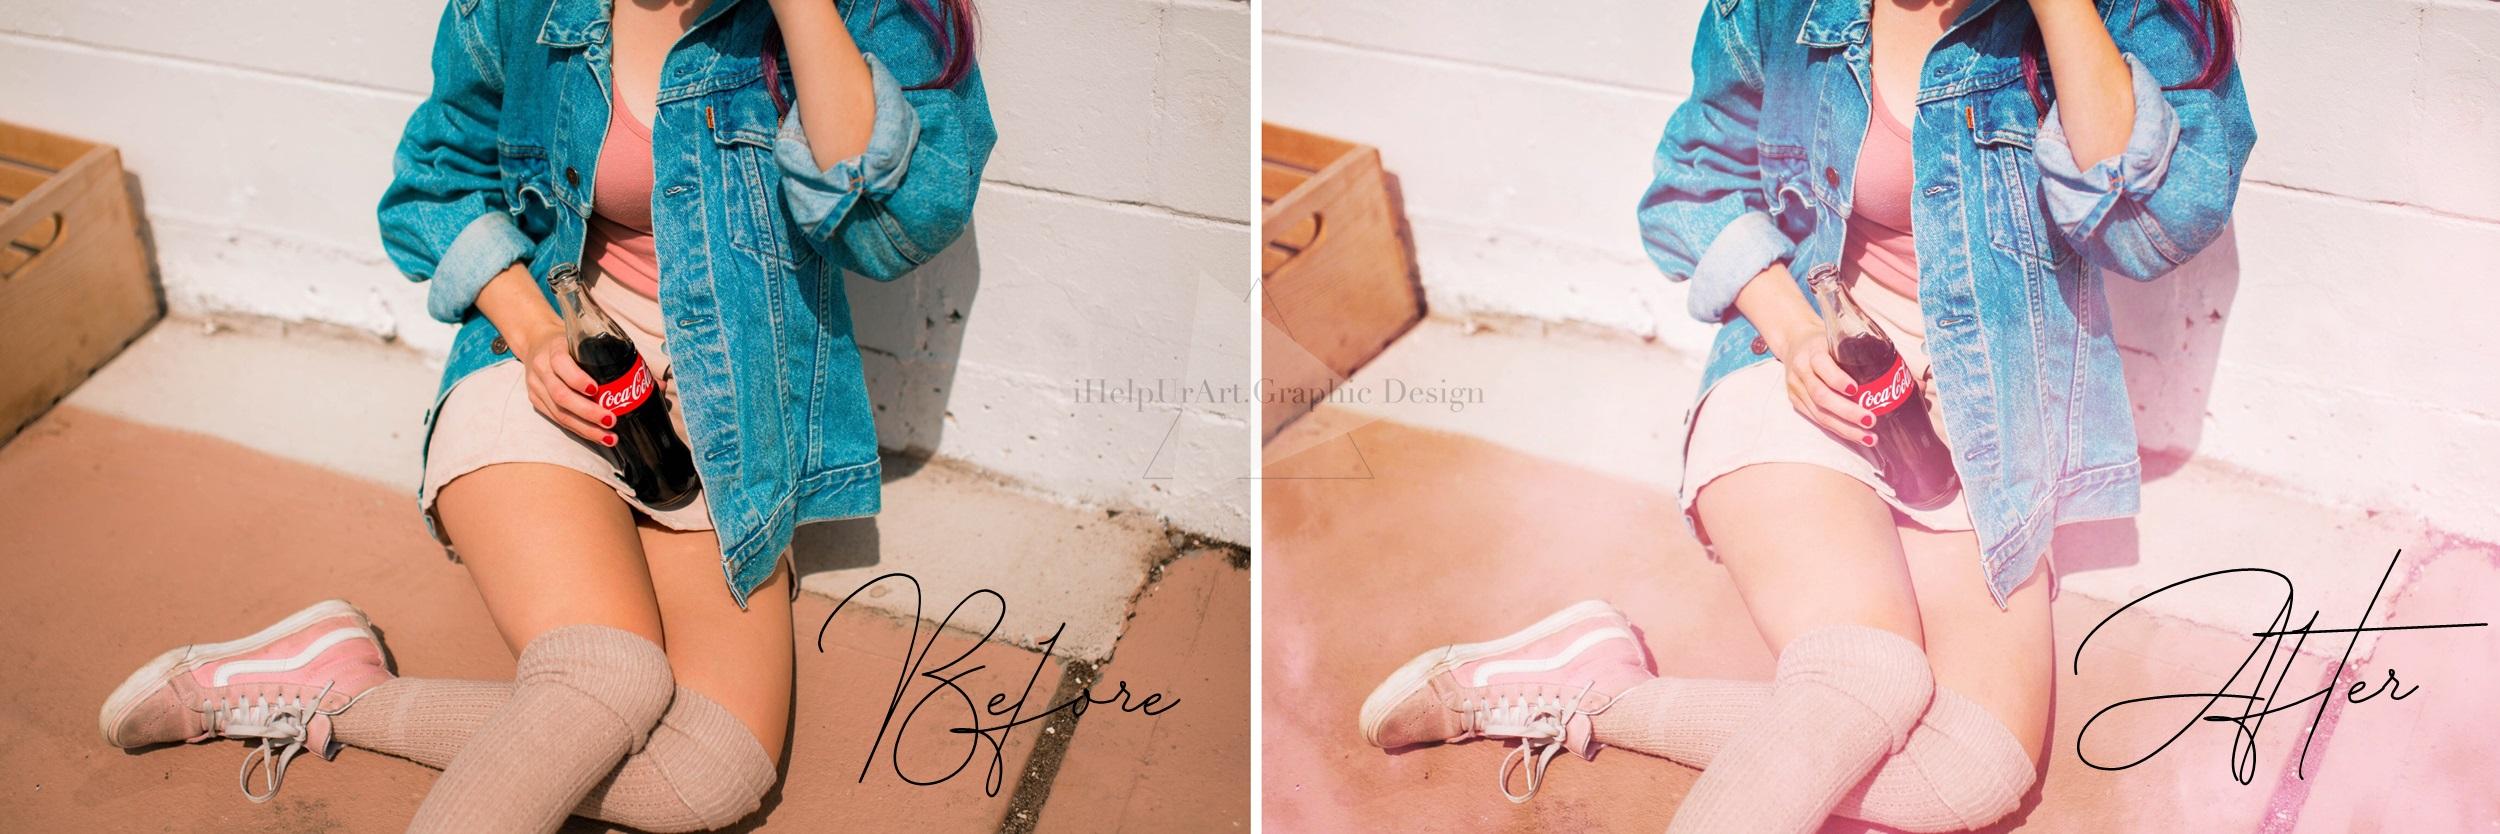 Pink Fog Photo Overlays Bundle - Glamour Photo Filter example image 4